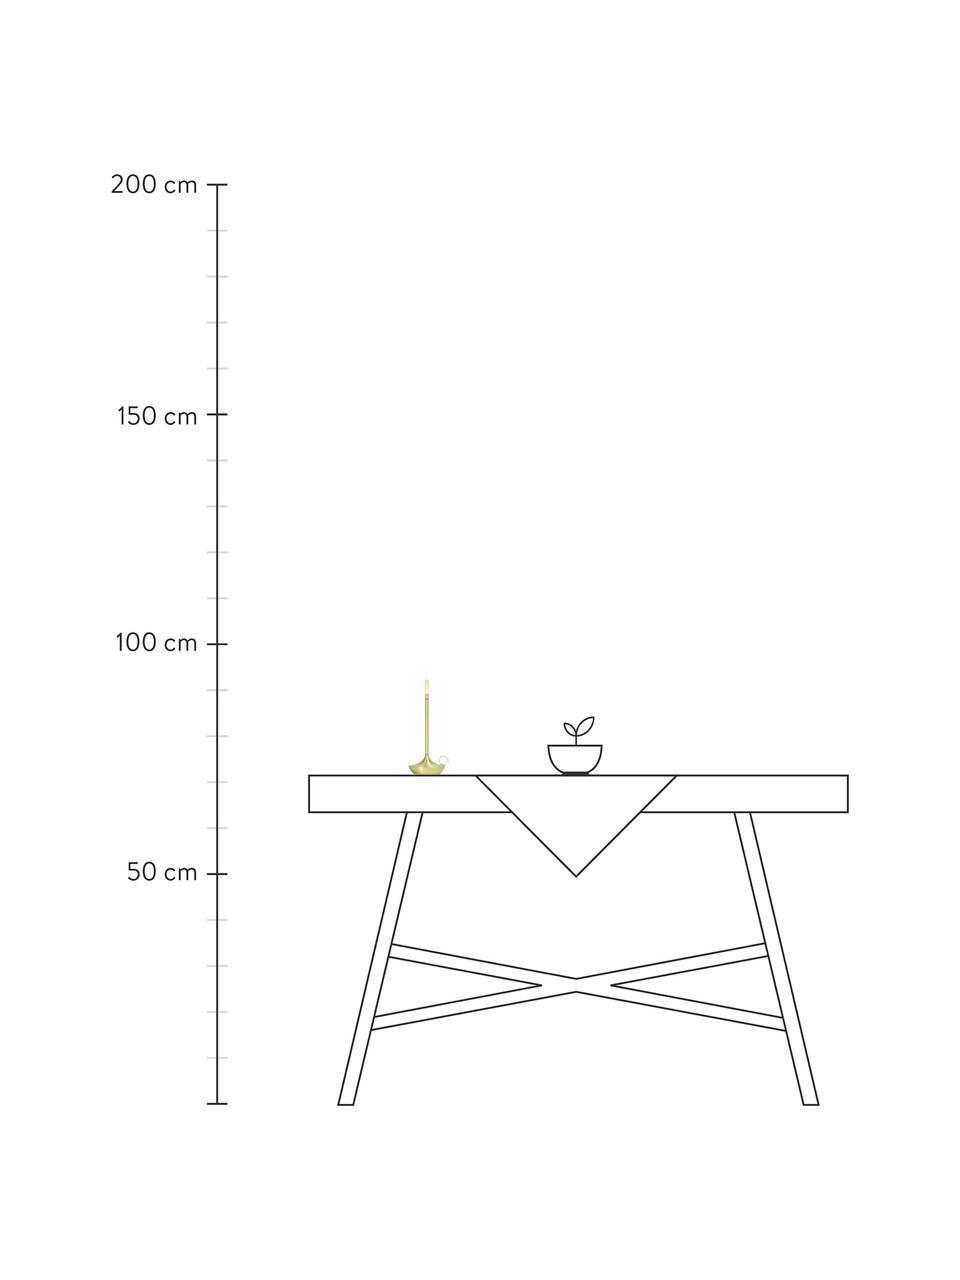 Kleine Mobile Dimmbare Tischlampe Wick mit Touchfunktion, Lampenfuß: Aluminium, recycelt und b, Lampenschirm: Kunststoff, Messingfarben, Ø 12 x H 26 cm